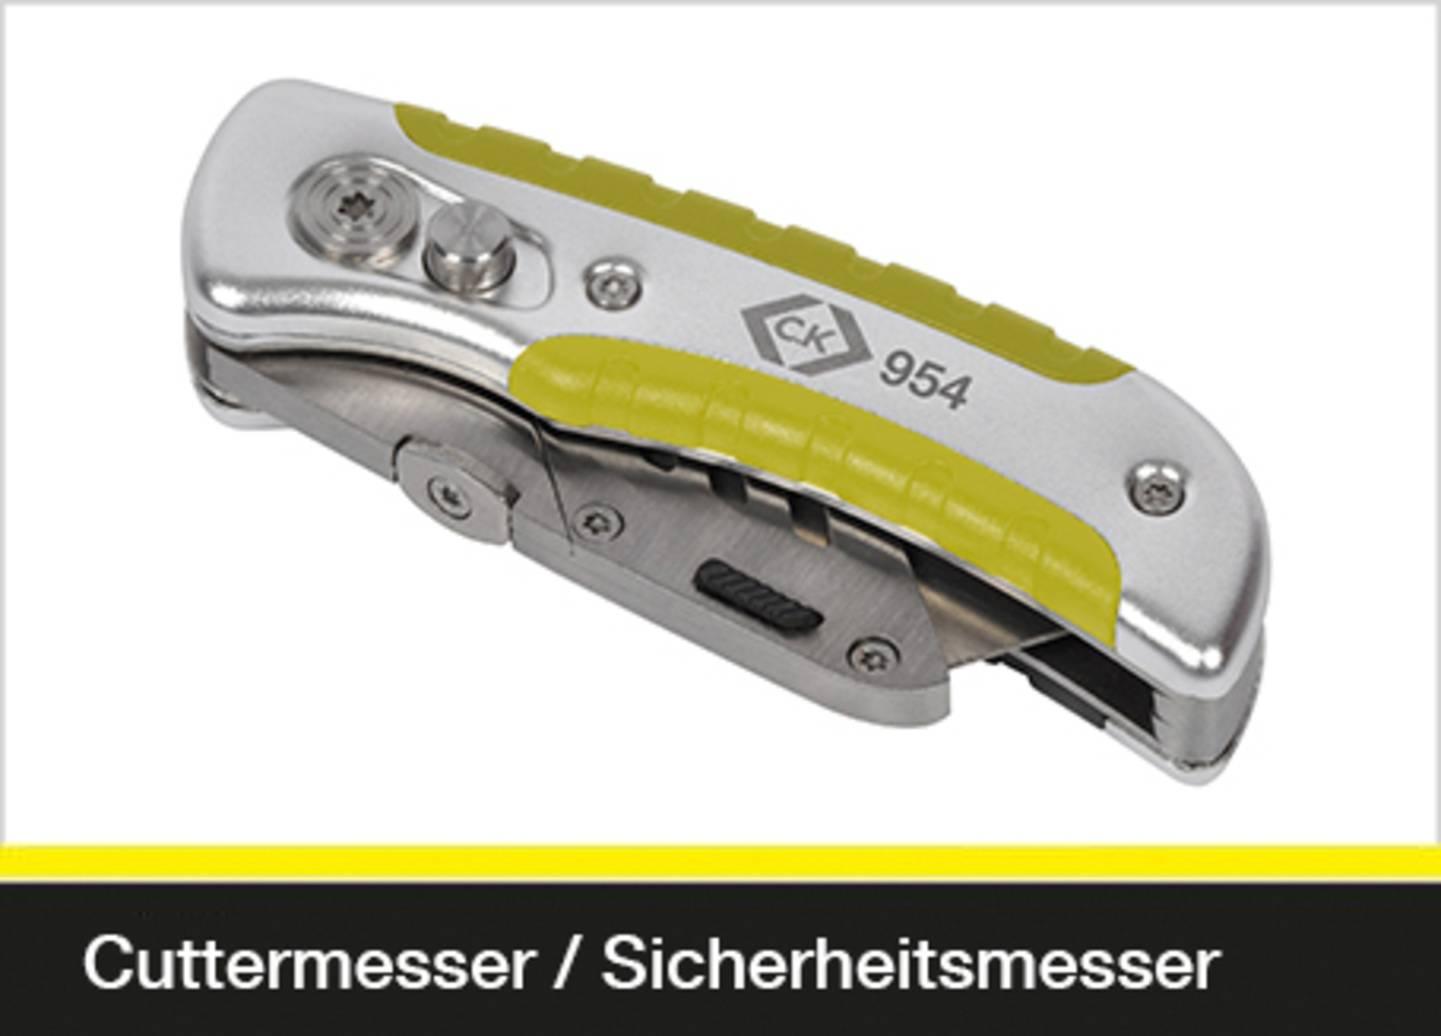 Cuttermesser / Sicherheitsmesser